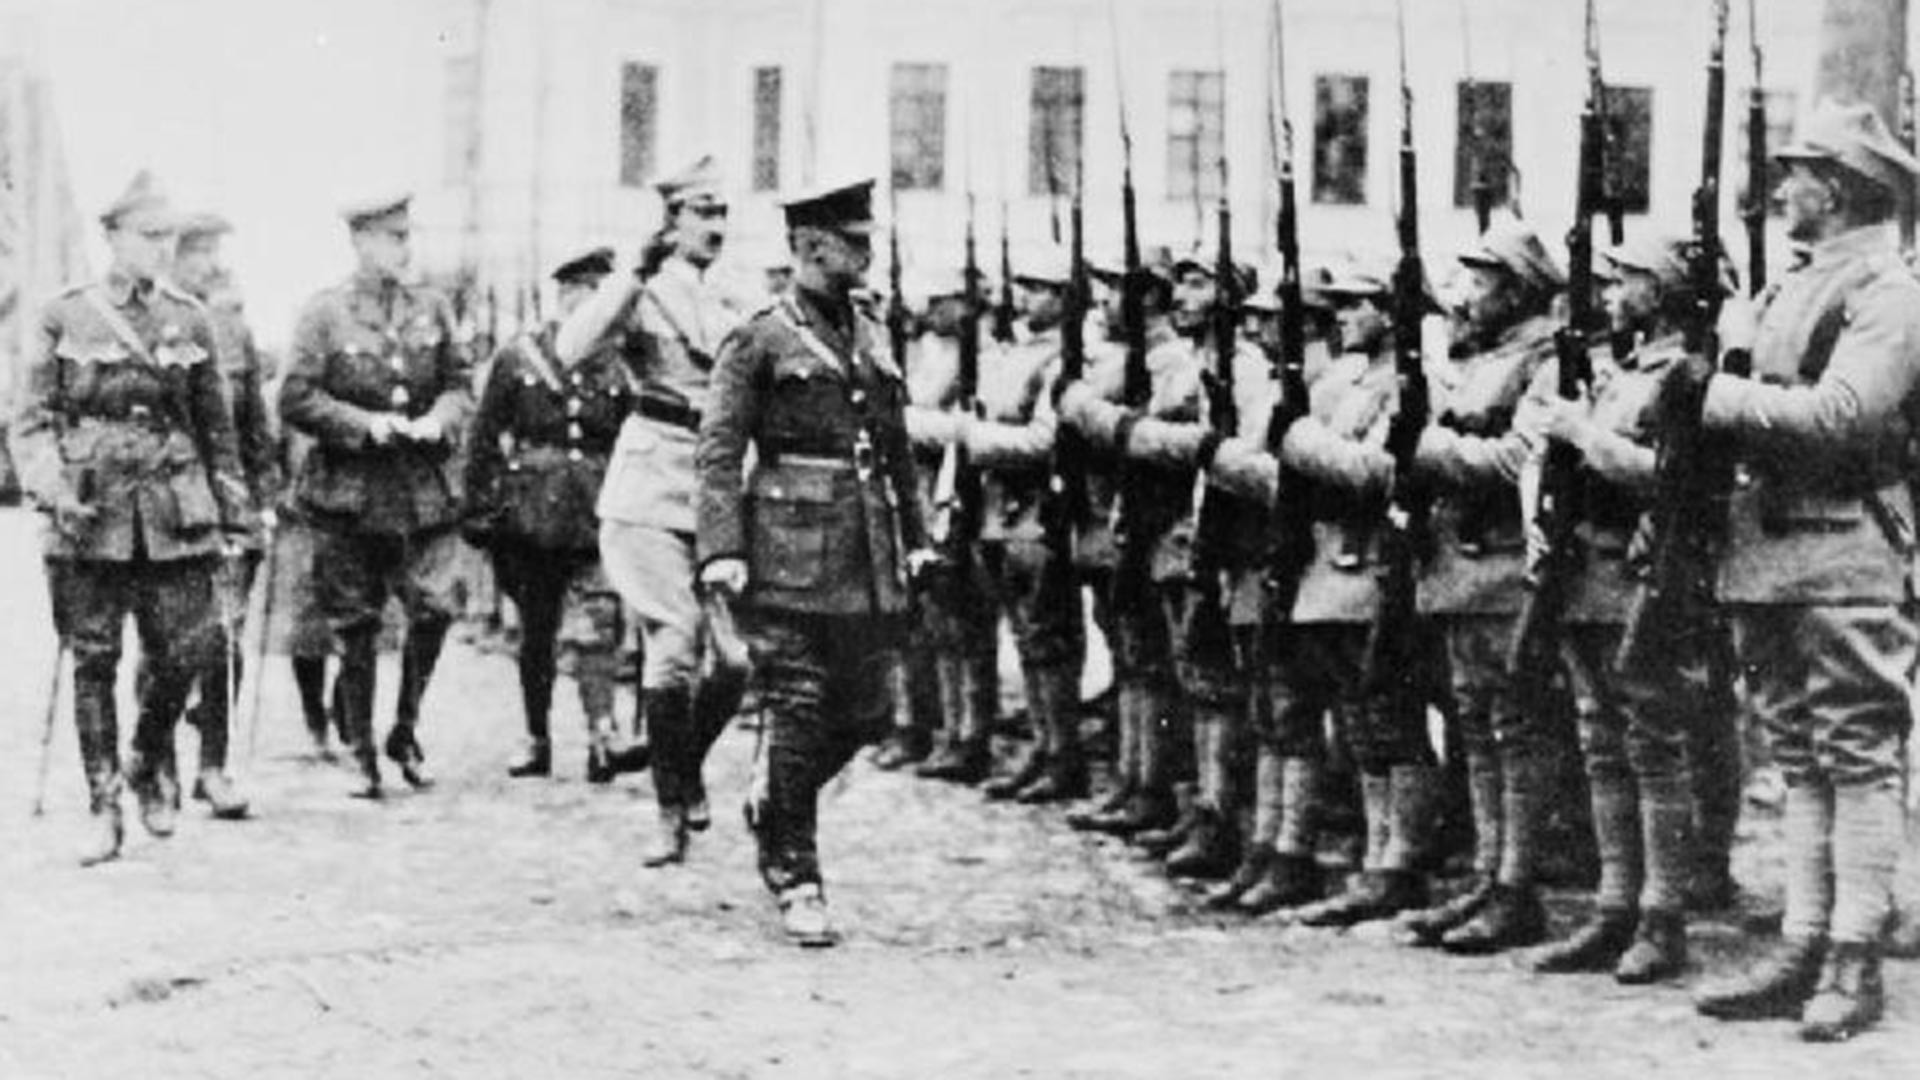 Пољски, енглески и француски официри на смотри одреда пољских трупа такозваног Мурманског батаљона пре слања на фронт, Архангелск, 1919.